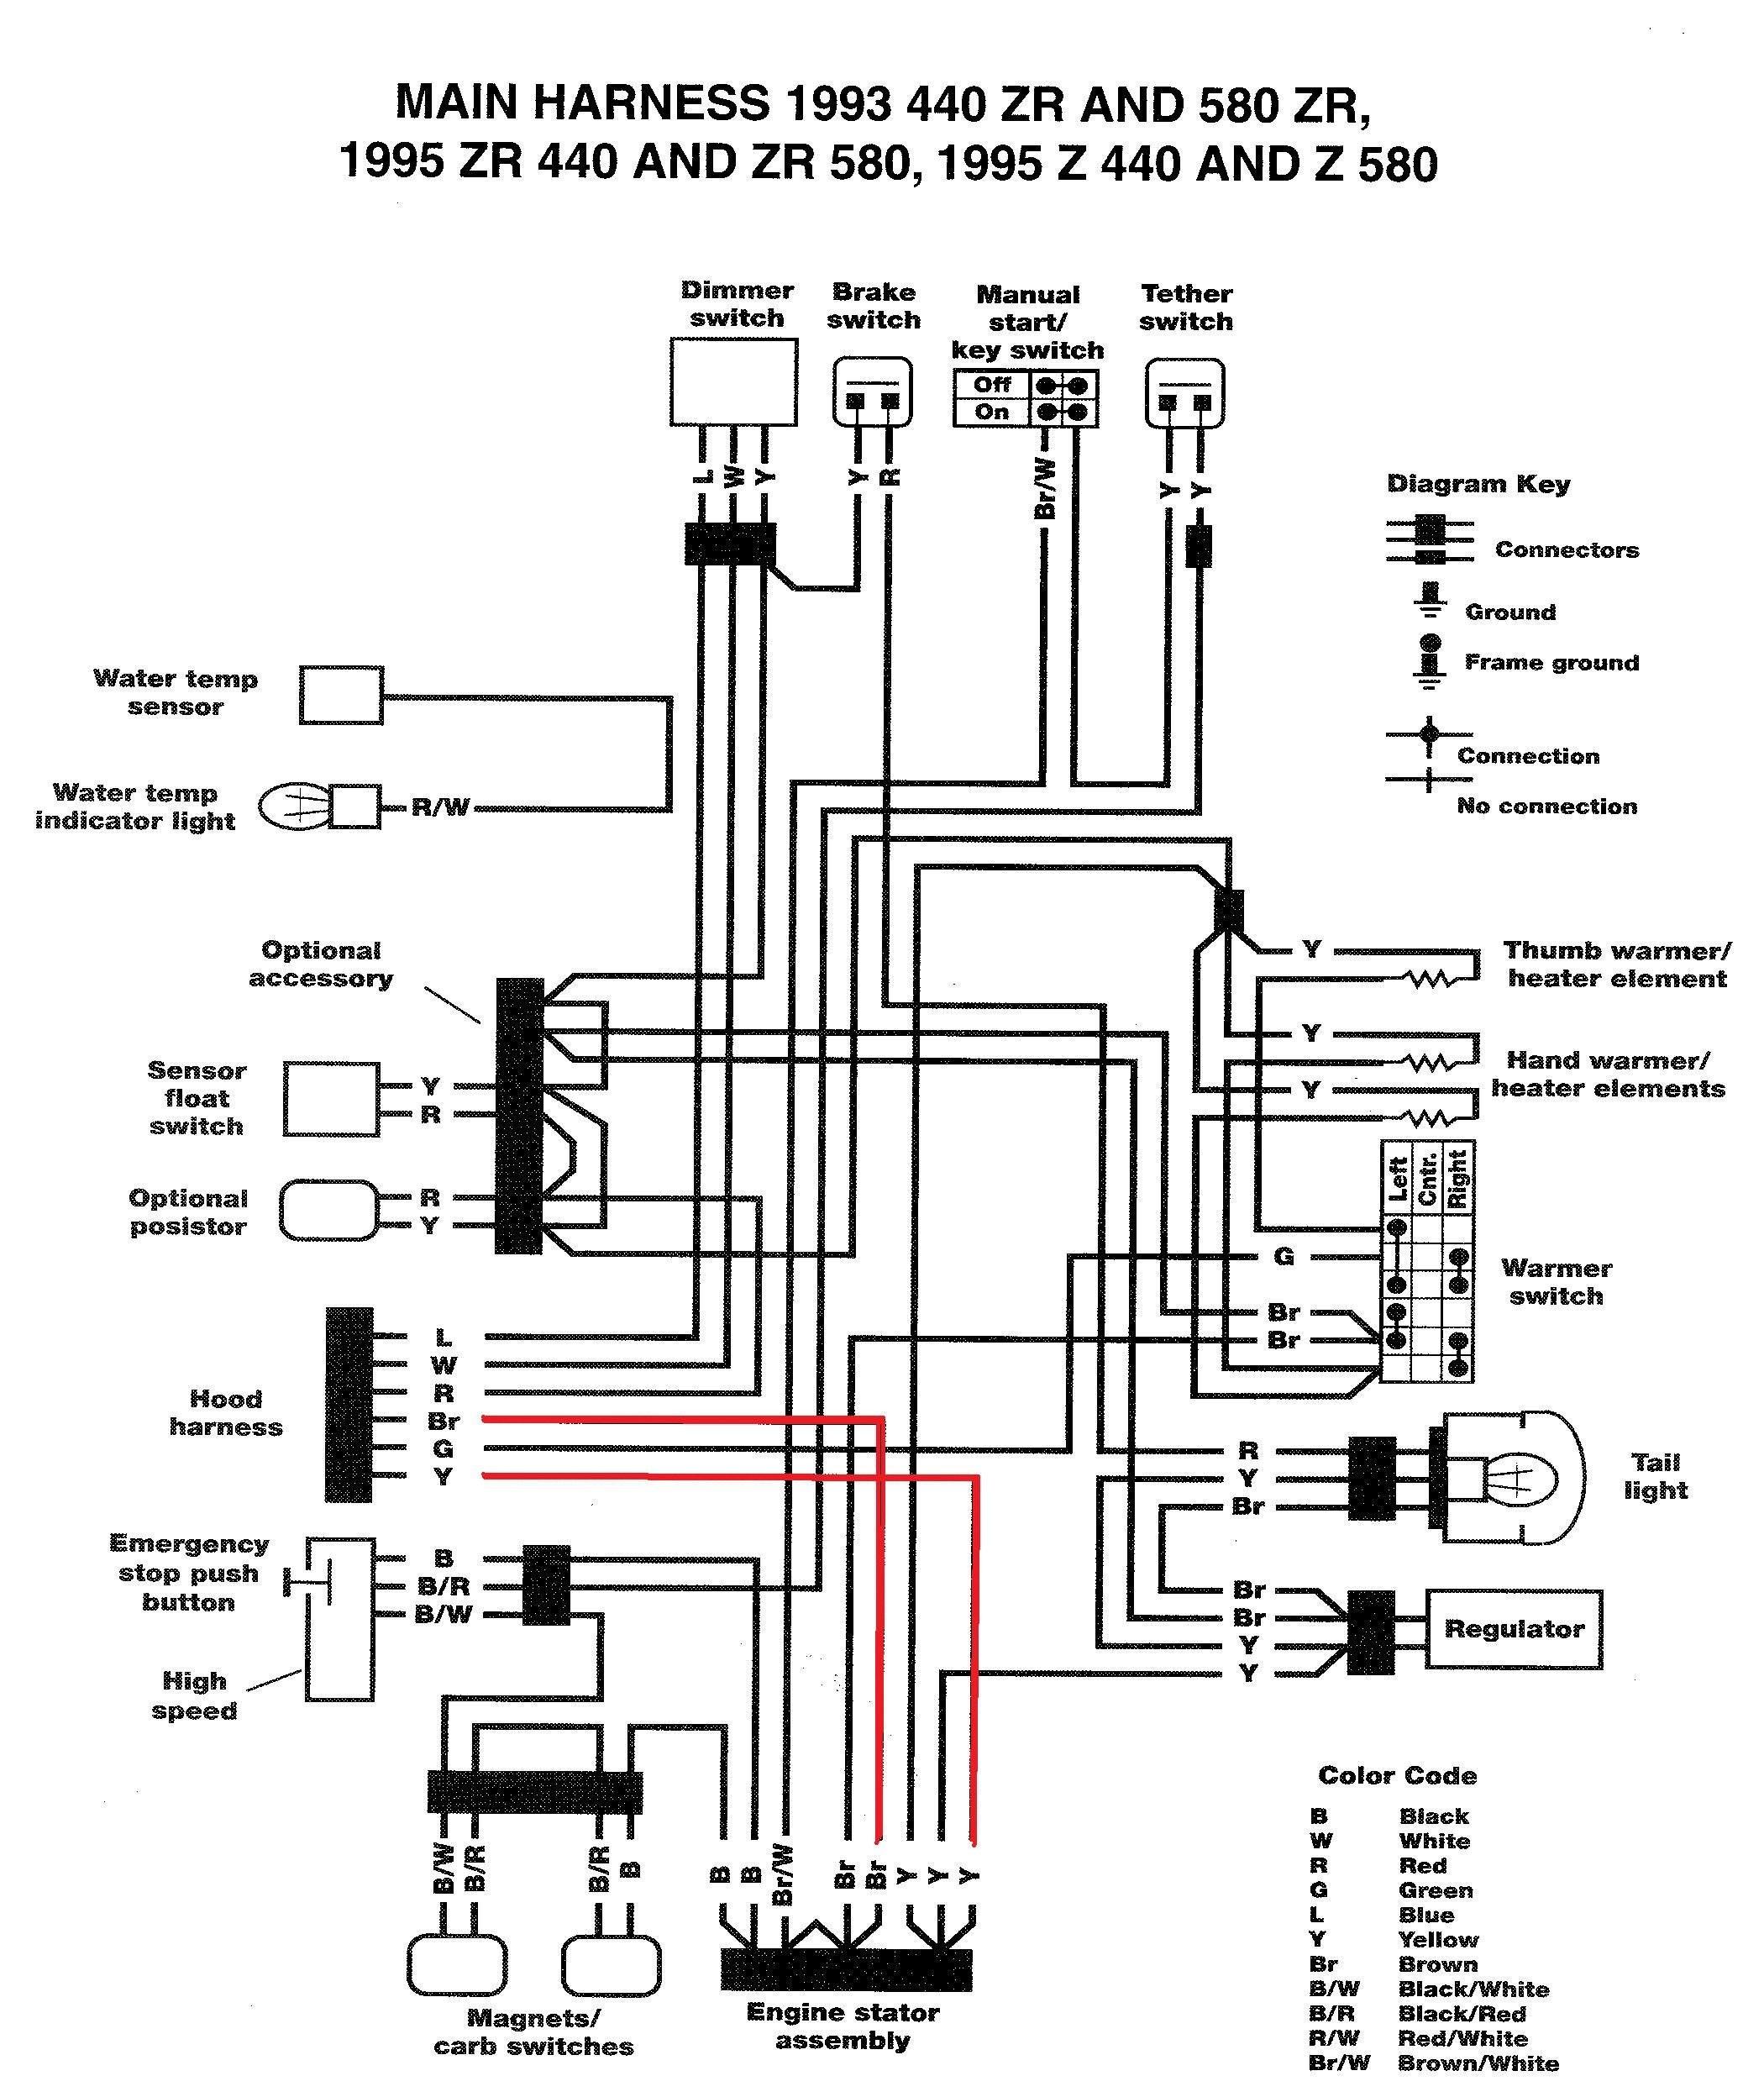 2002 Yamaha Bear Tracker Wiring Diagram -2008 Corolla Engine Diagram |  Begeboy Wiring Diagram SourceBegeboy Wiring Diagram Source